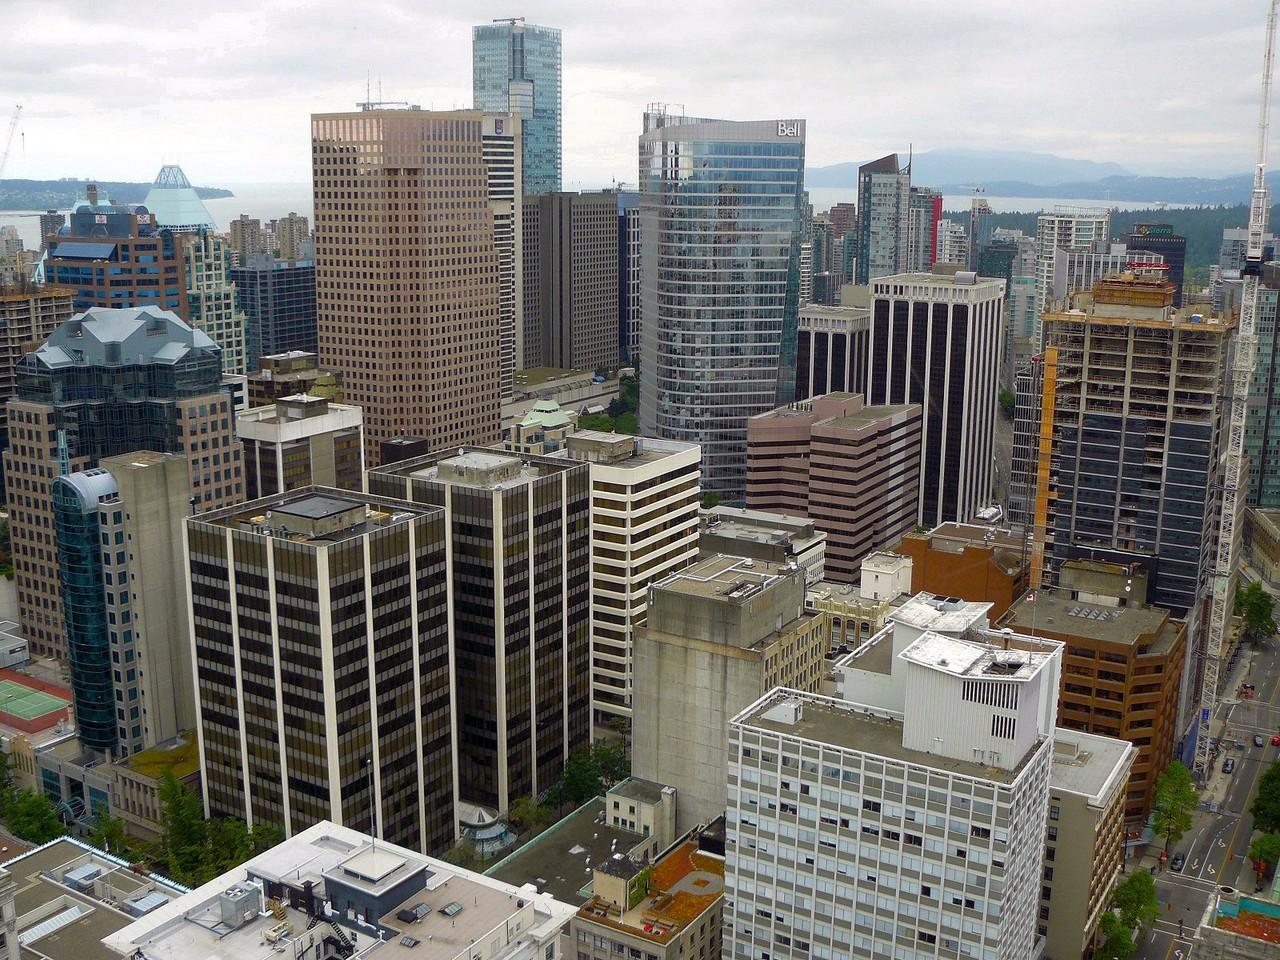 <B>Wir starten unsere Reise in Vancouver...